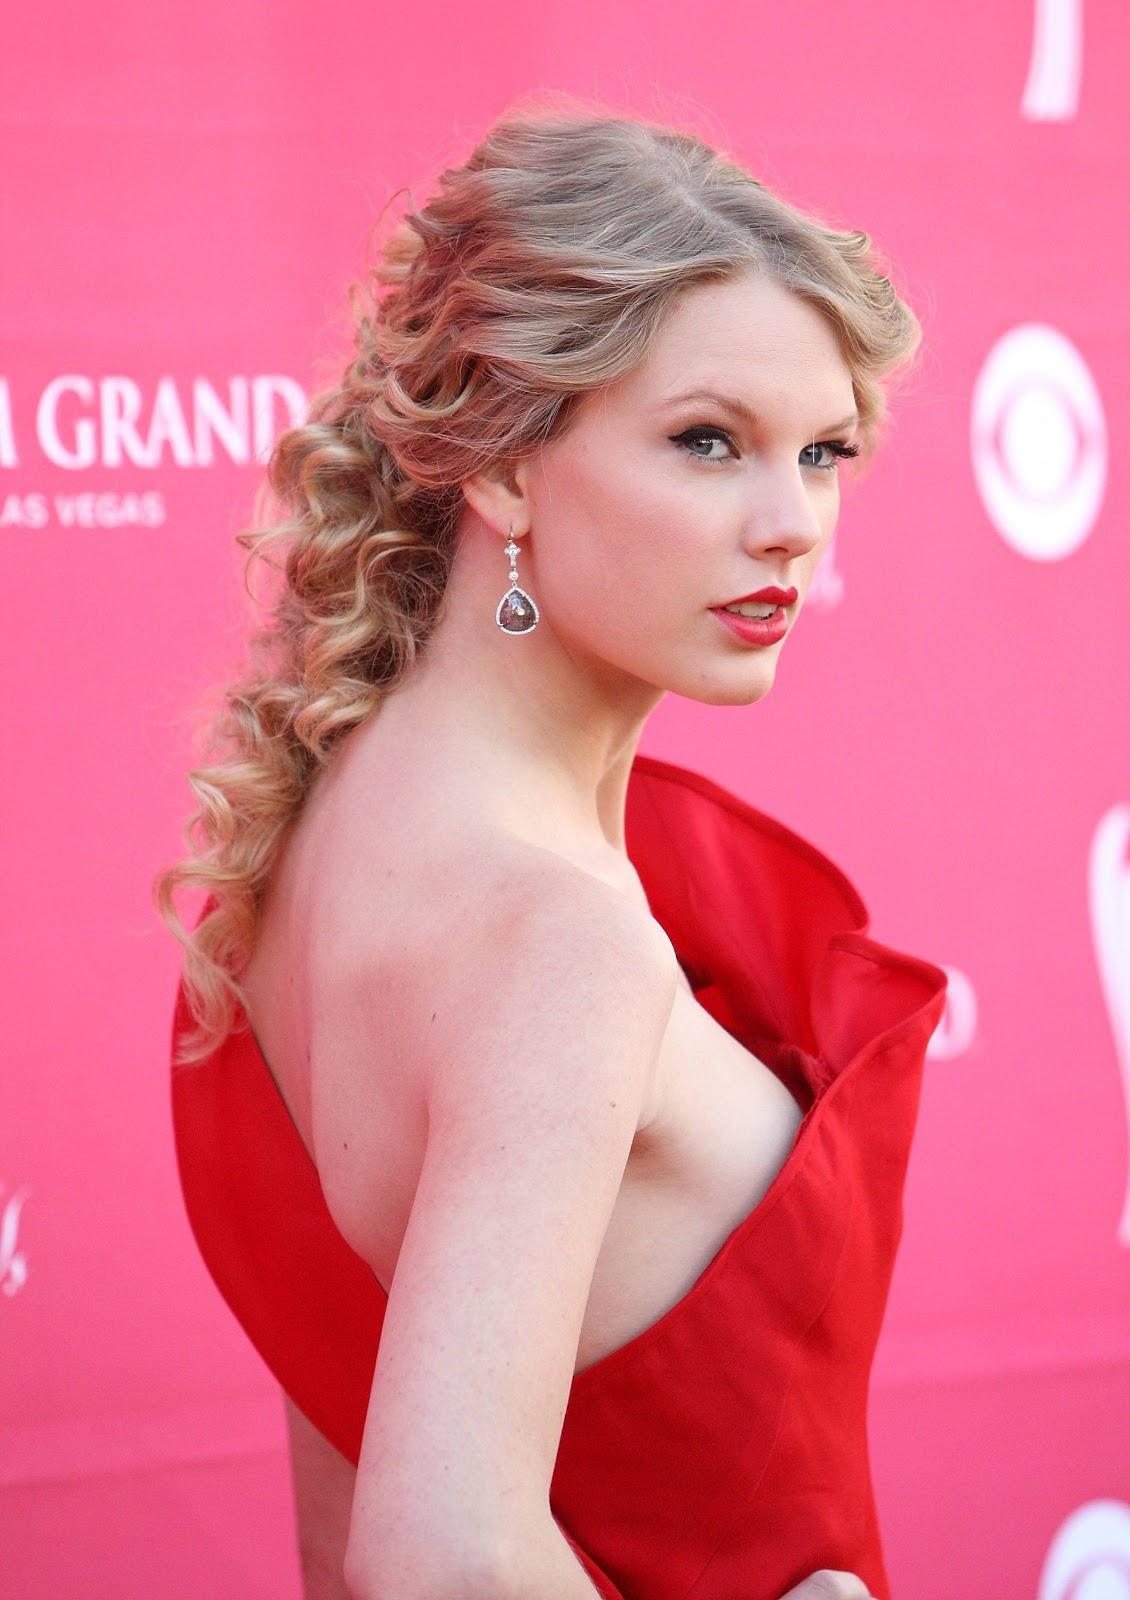 http://1.bp.blogspot.com/-8KDEB0iLKkU/TwI9g1edu4I/AAAAAAAAAJk/F_qrCz1t9ds/s1600/Taylor_Swift_6.jpg